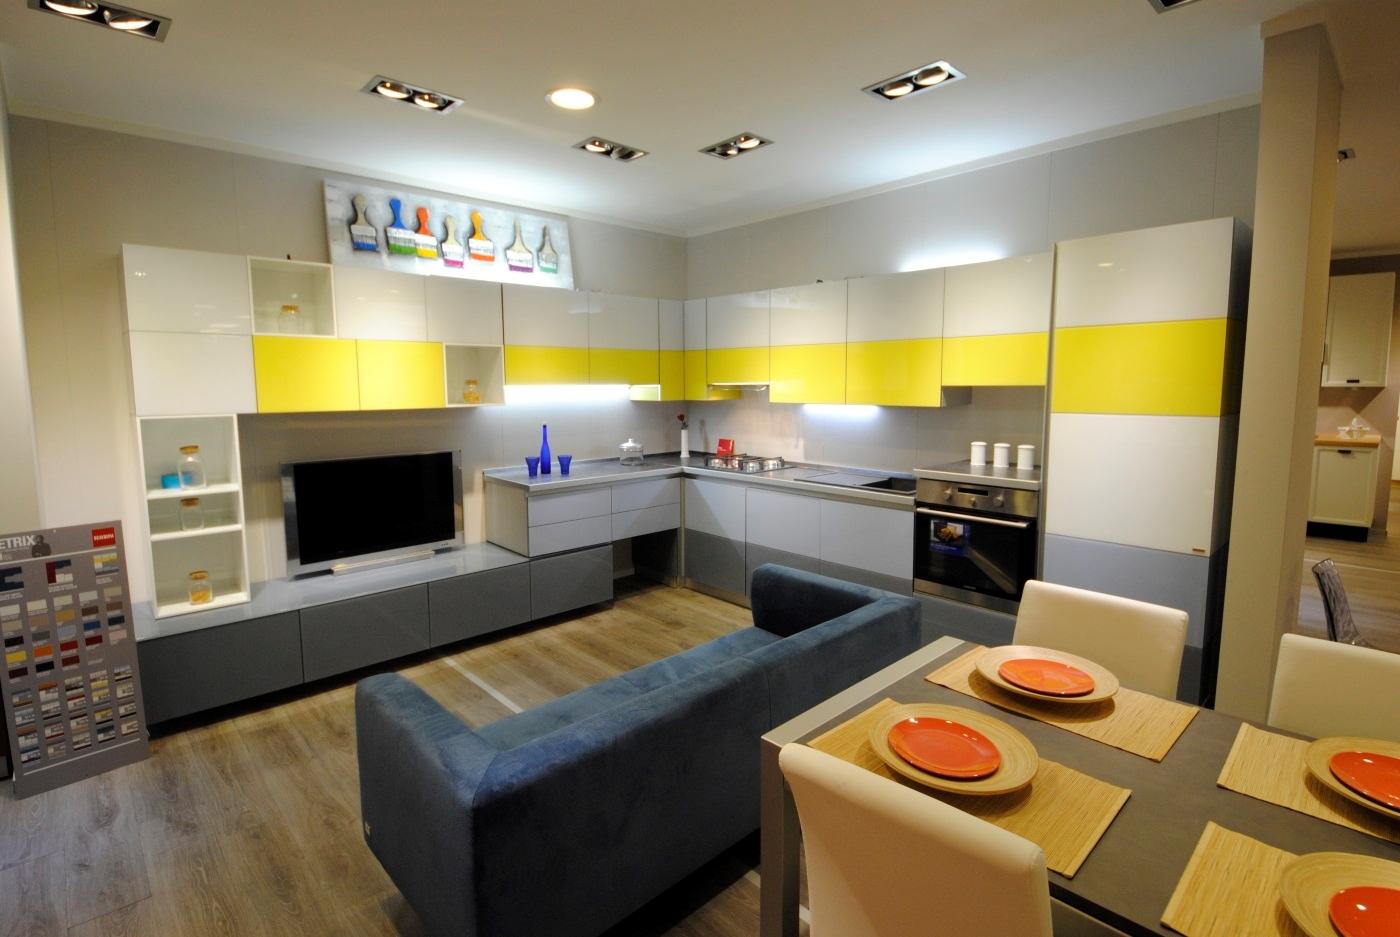 Cucina scavolini tetrix con living cucine a prezzi scontati for Cucine living prezzi